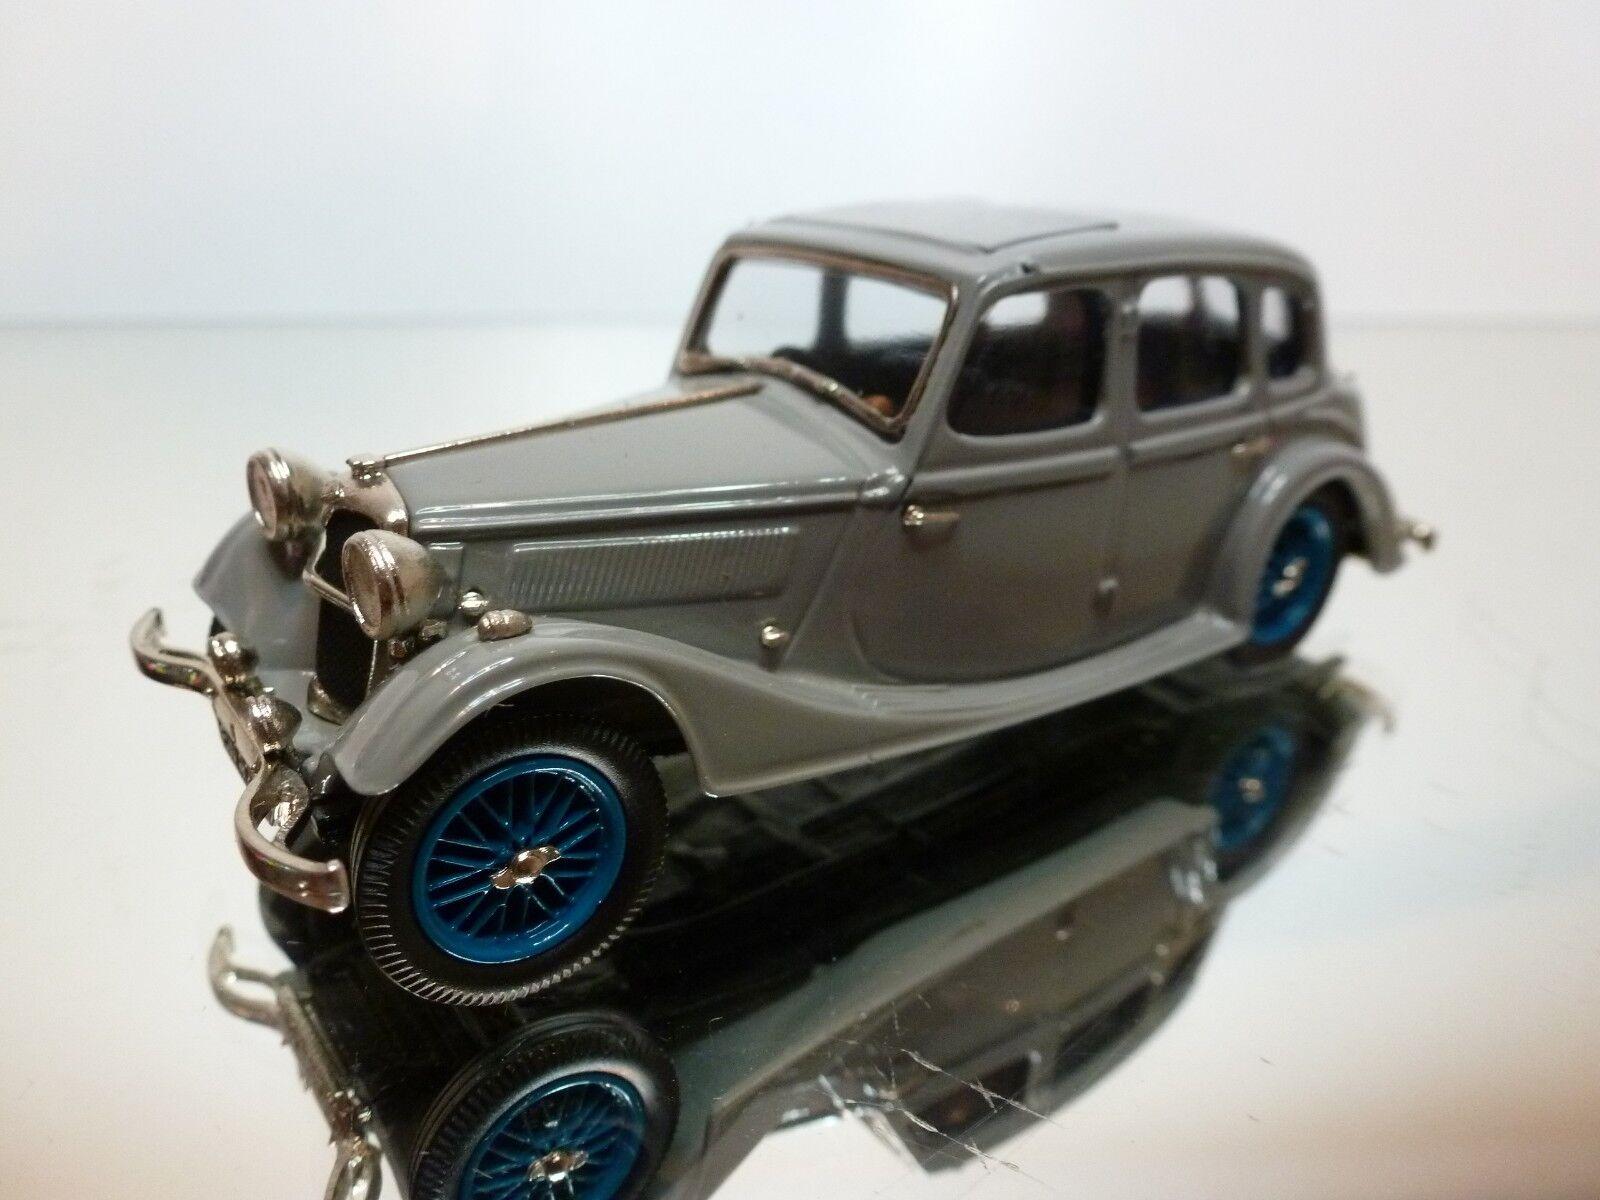 all'ingrosso a buon mercato LANSDOWNE modelloS modelloS modelloS LDM91 RILEY ADELPHI 1935 - grigio 1 43 - EXCELLENT - 33  tutti i prodotti ottengono fino al 34% di sconto